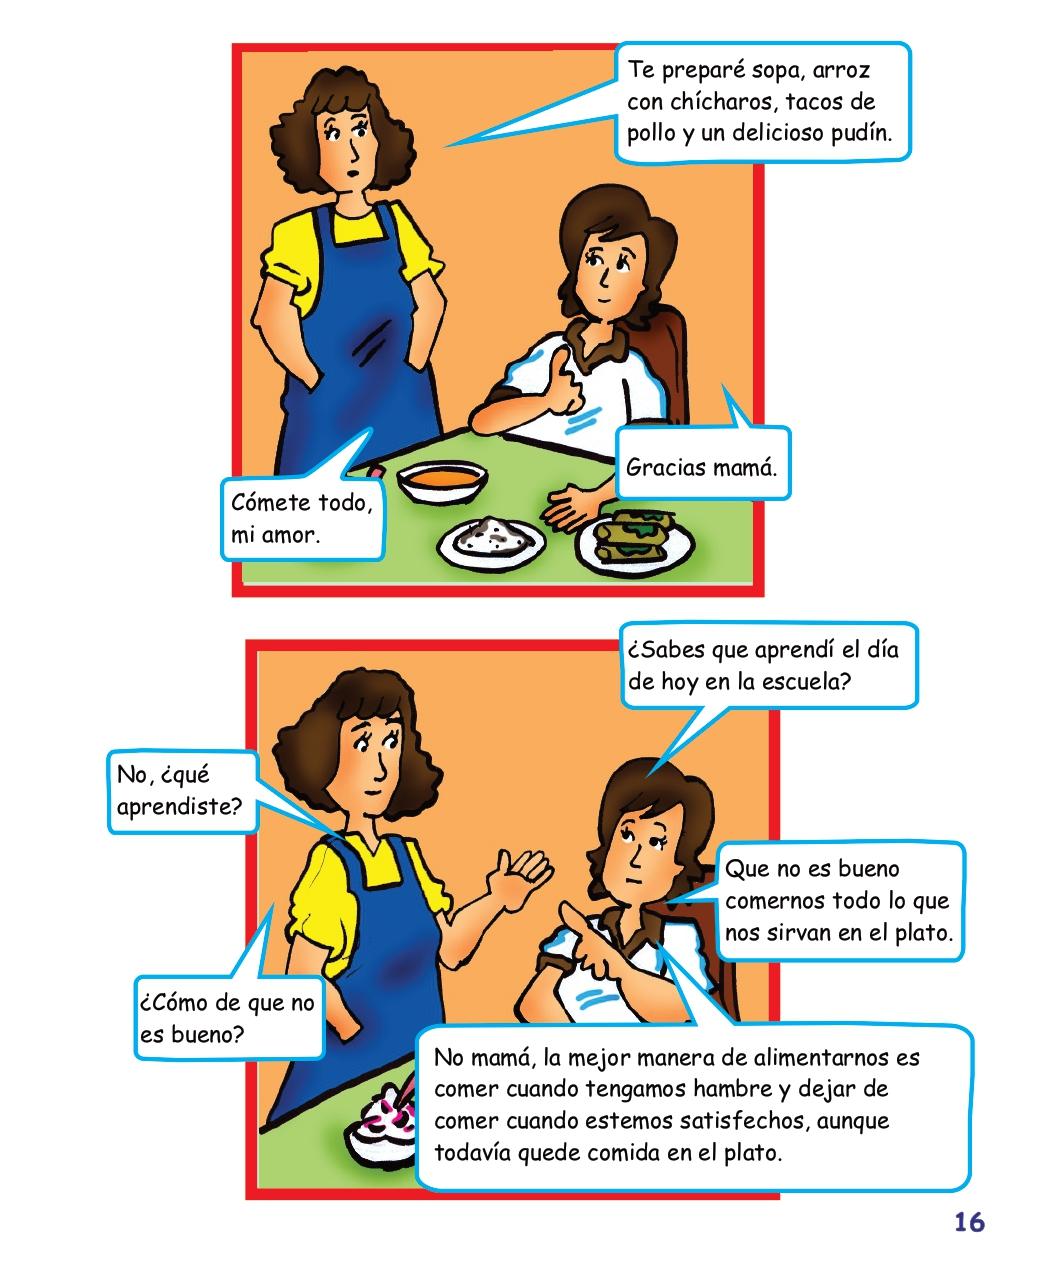 Psicología adolescentes Reyhan cap1 digital_page-0019